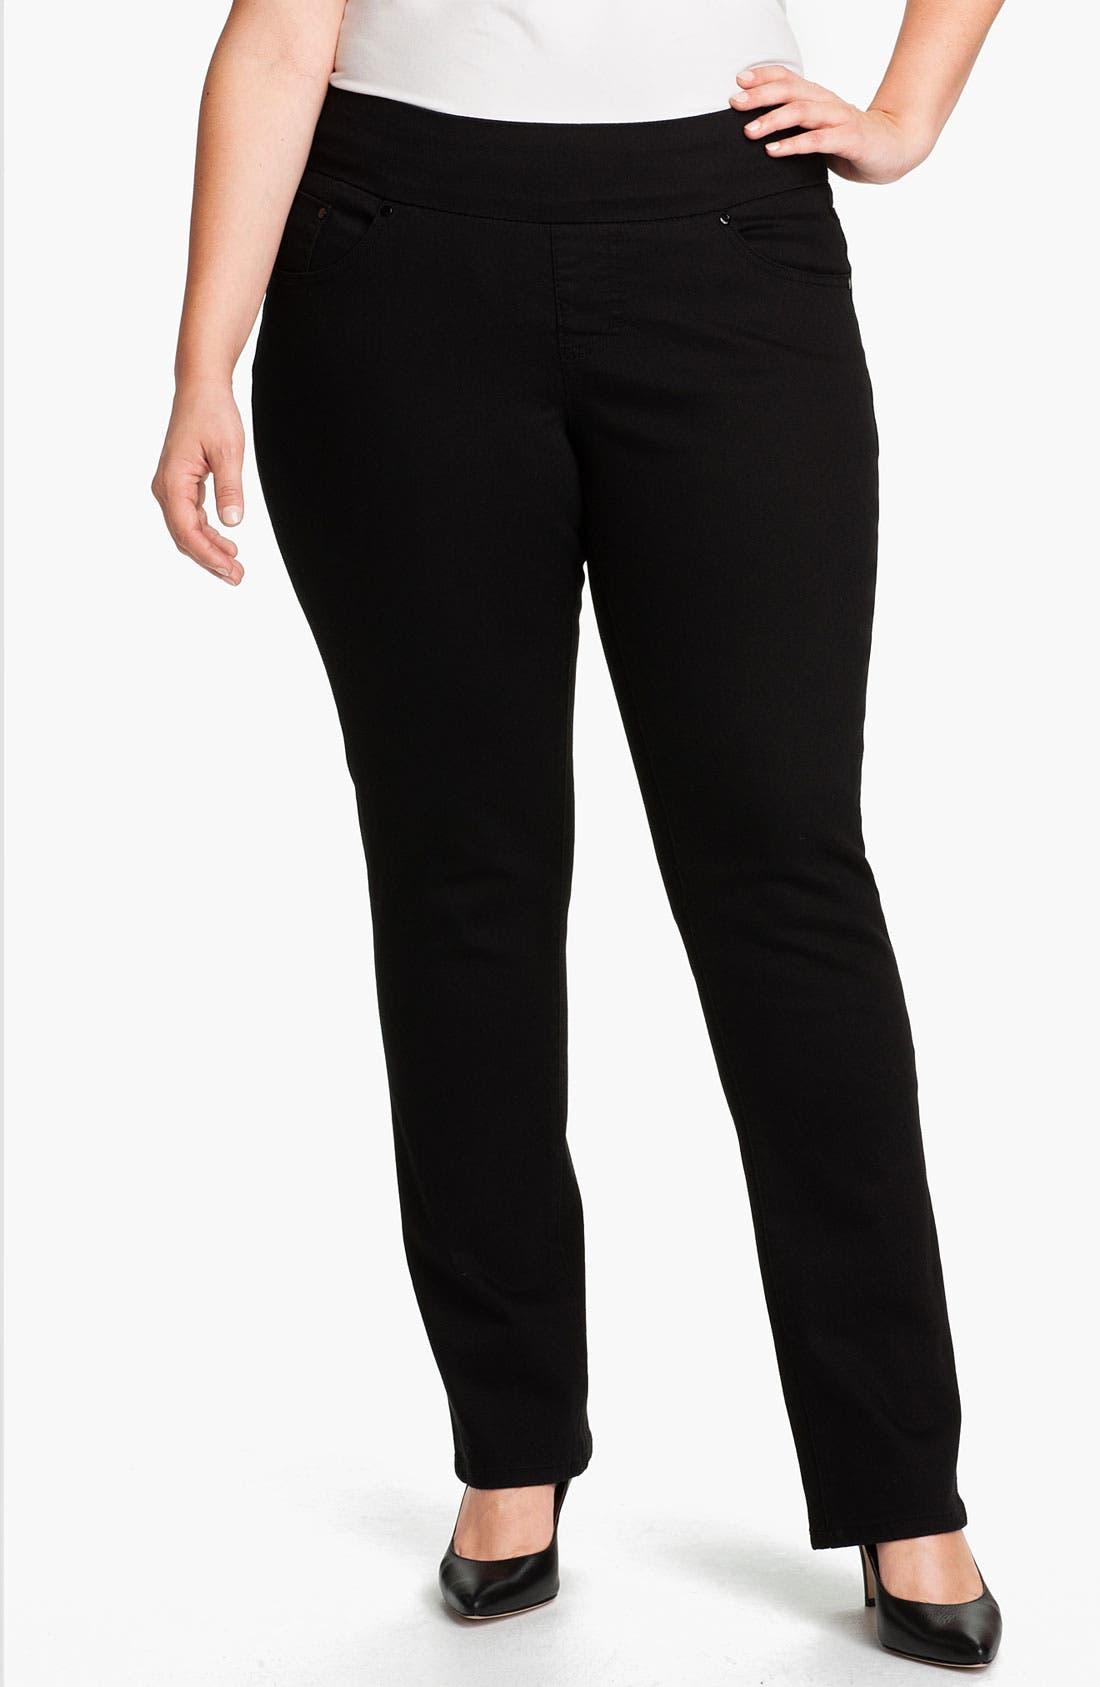 Alternate Image 1 Selected - Jag Jeans 'Tatum' Pull-On Straight Leg Jeans (Plus)